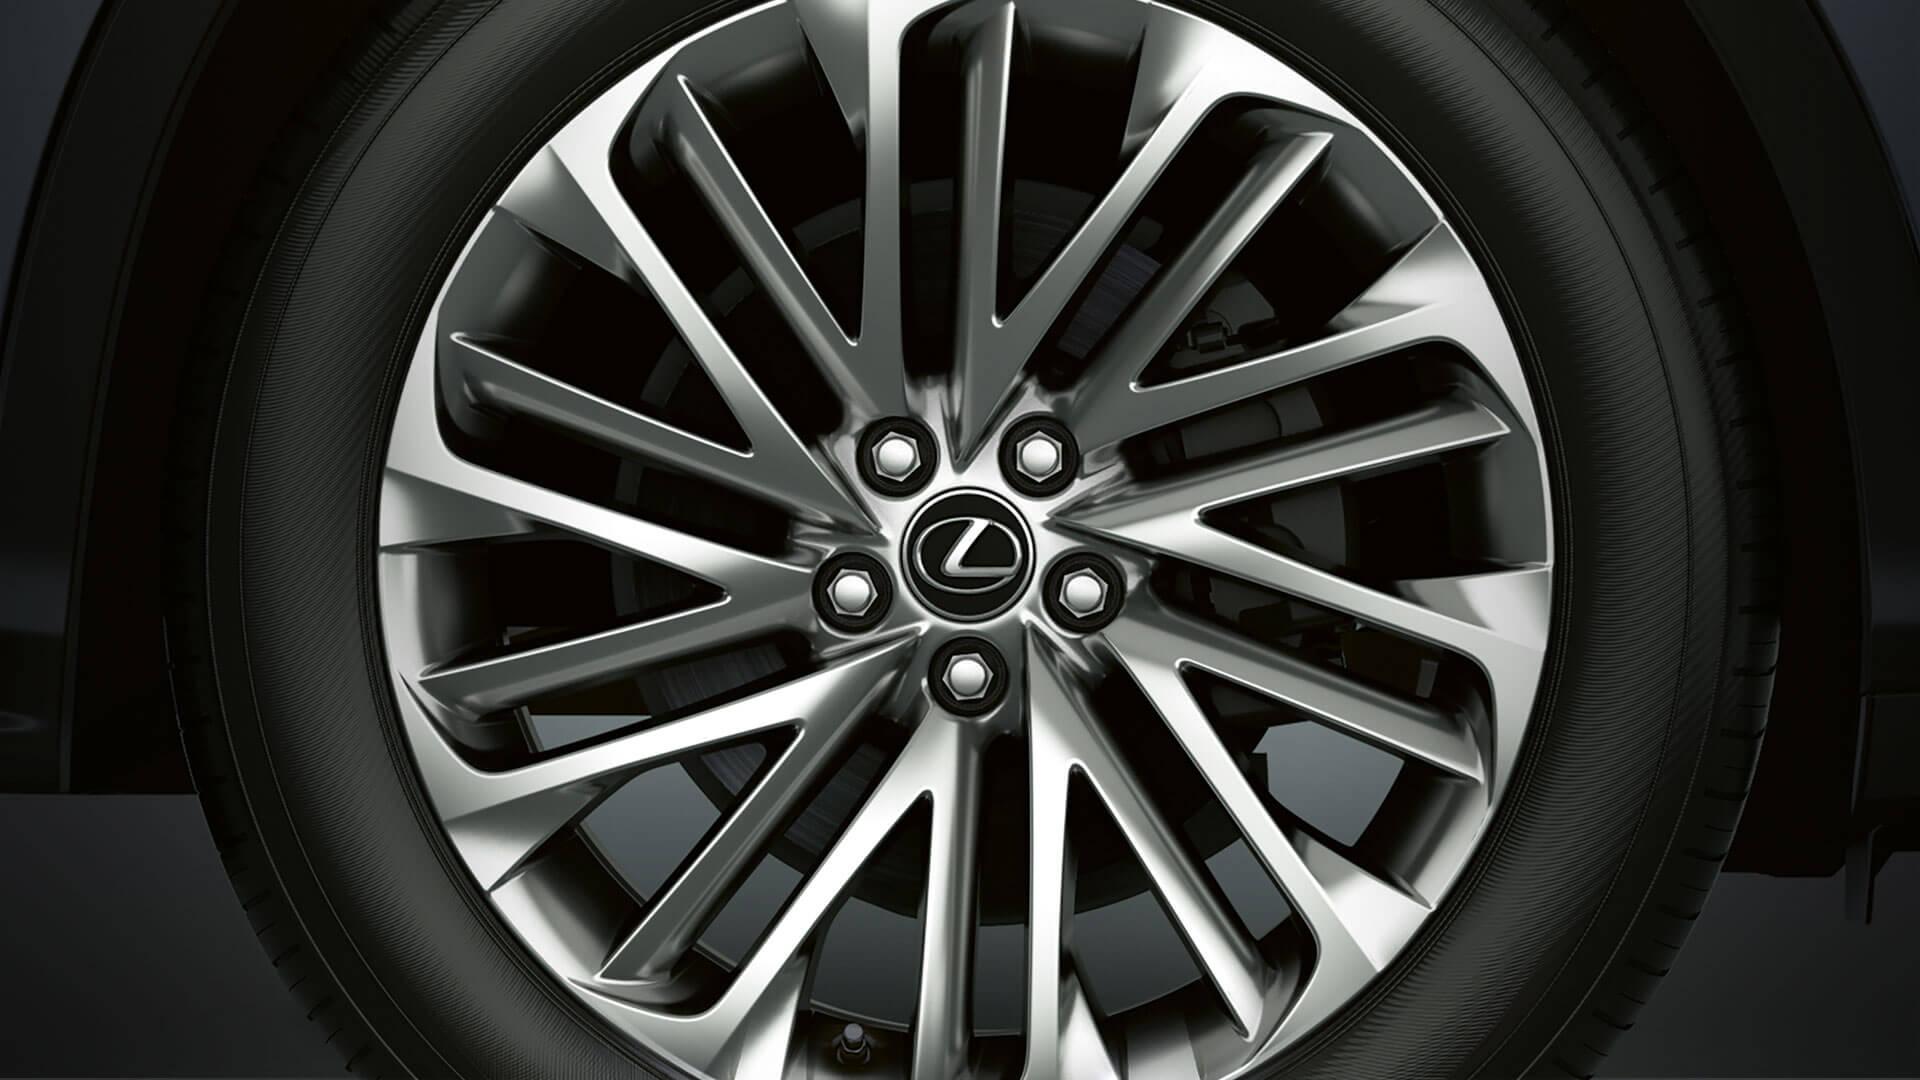 2019 lexus rxl hotspot exterior 20 inch alloy wheels